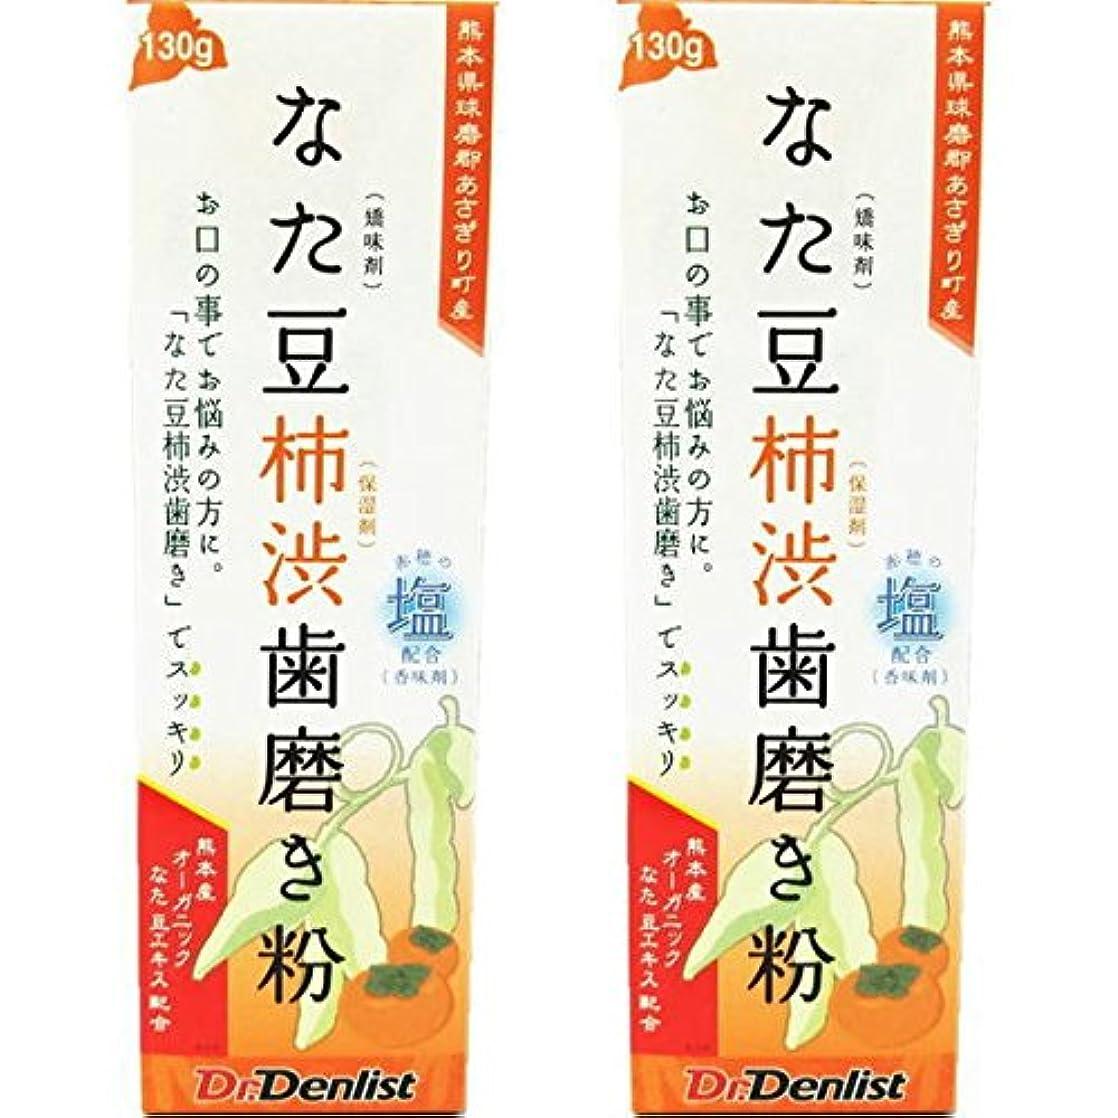 学習者地平線公平ななた豆柿渋歯磨き 130g 2個セット 国産 有機なた豆使用 赤穂の塩配合(香味剤)